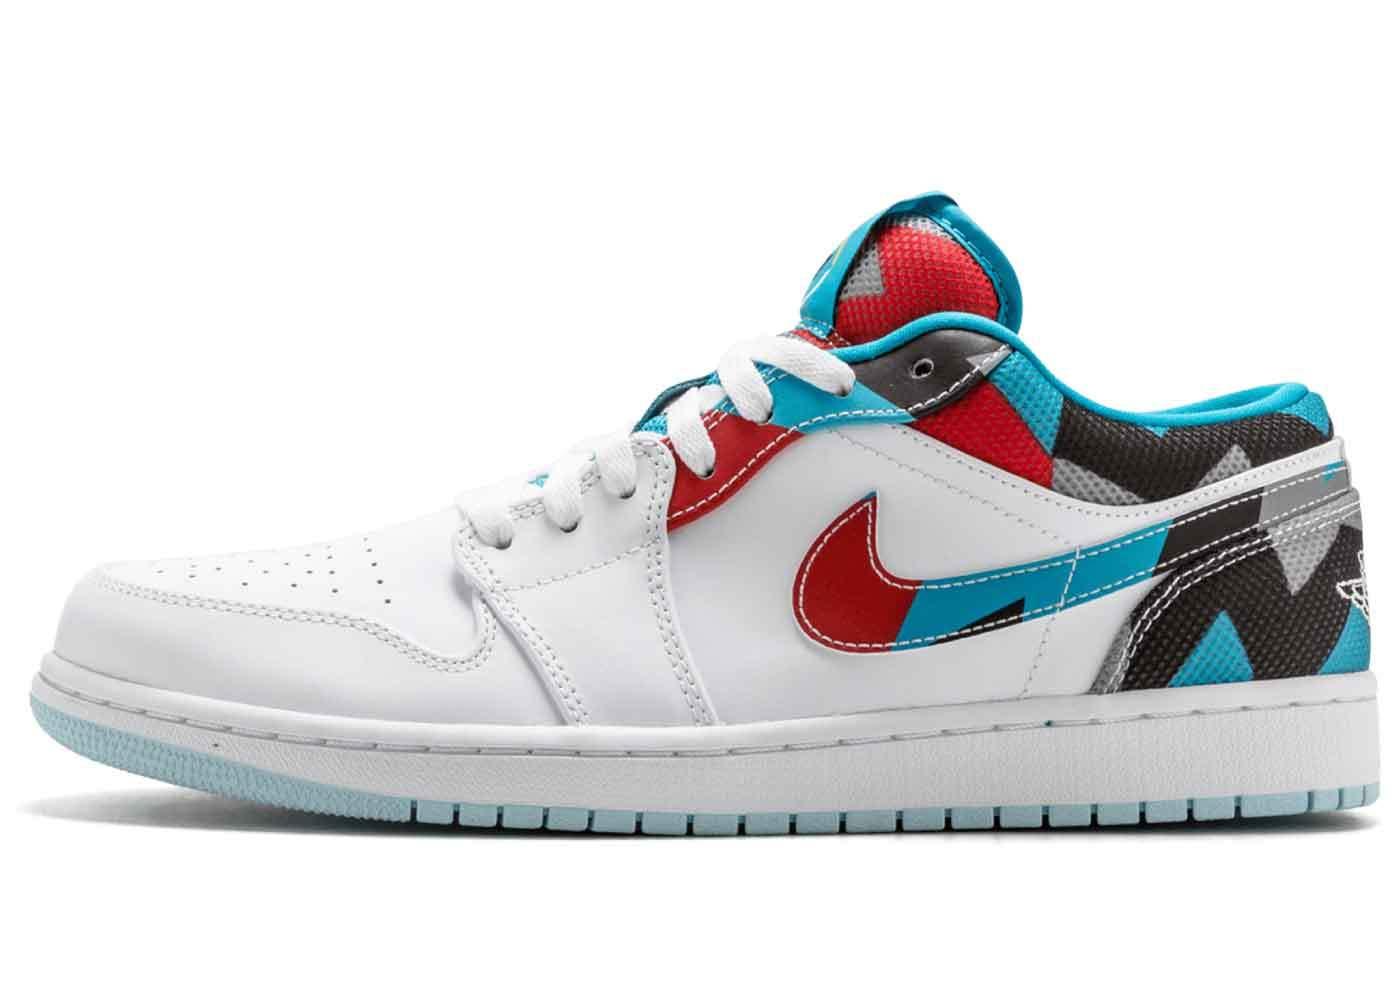 Nike Air Jordan 1 Retro Low N7の写真